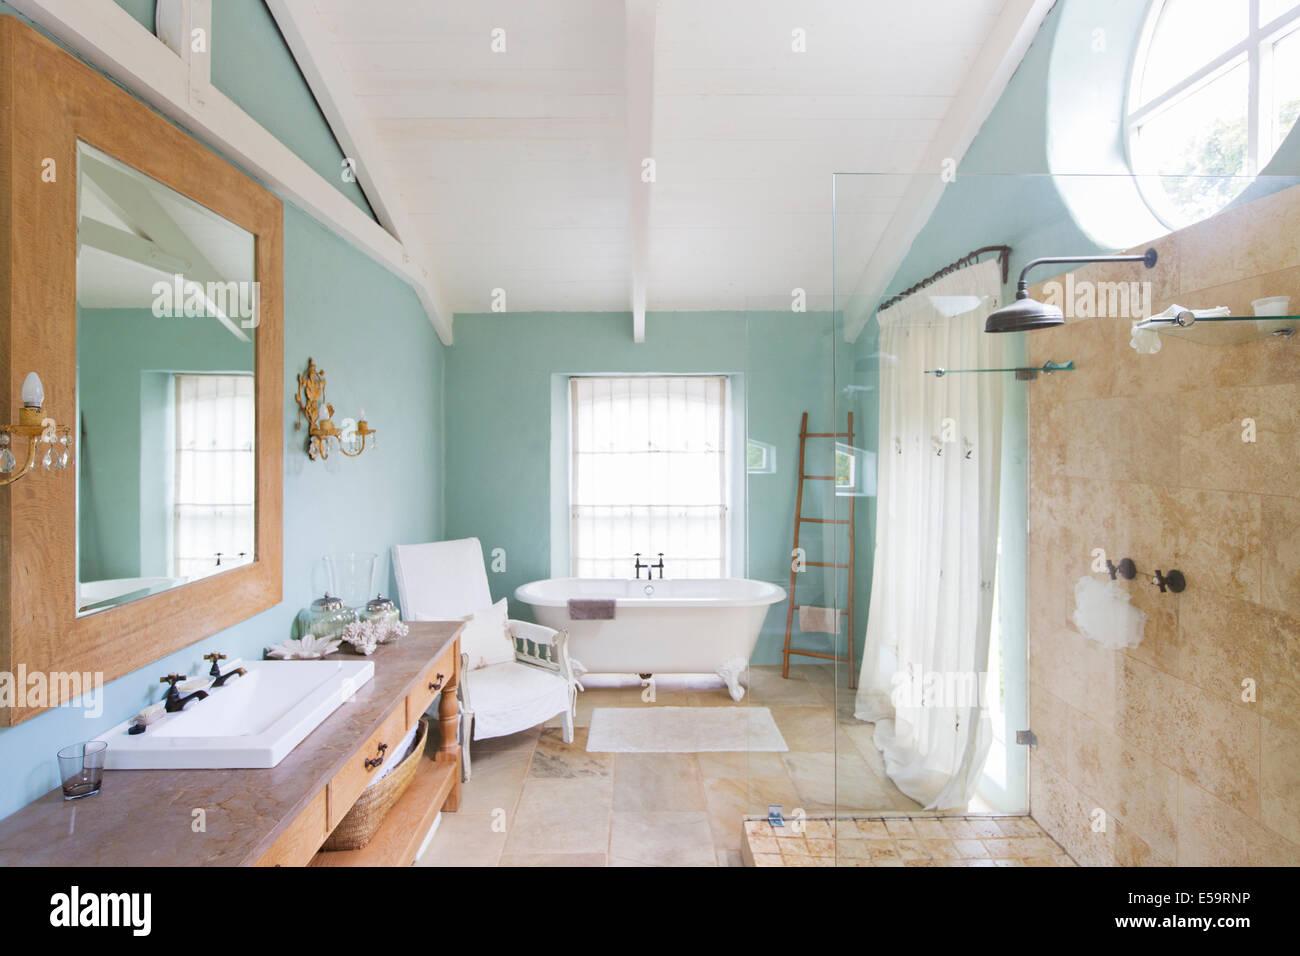 Vasca Da Bagno Rustica : Vasca da bagno e doccia nella stanza da bagno rustici foto